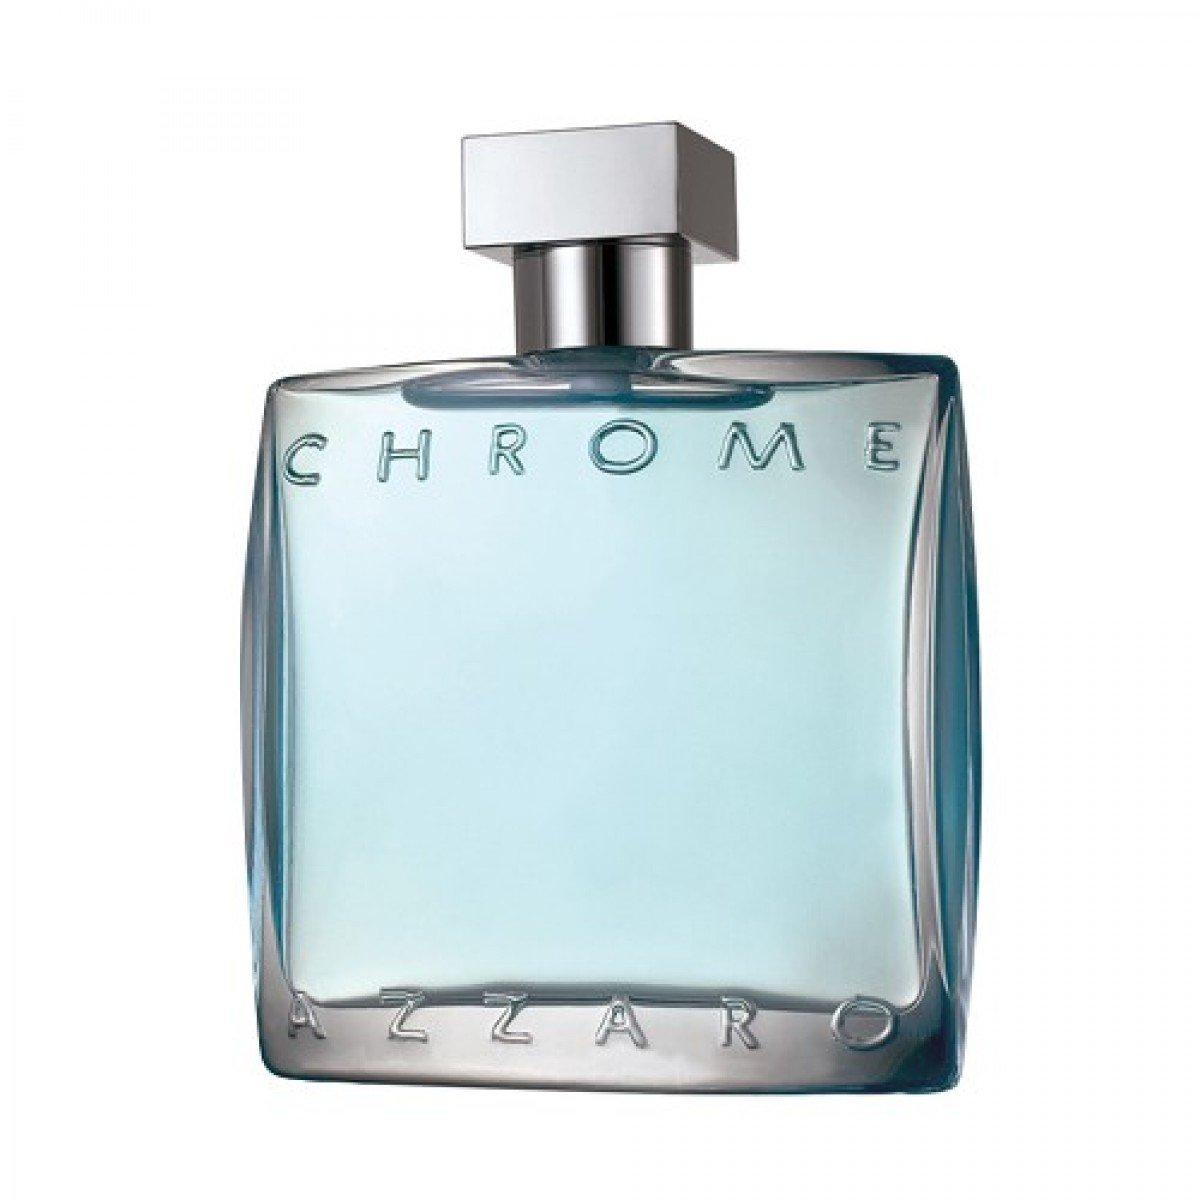 perfume azzaro chrome masculino edt 100 ml 5345 2000 62035